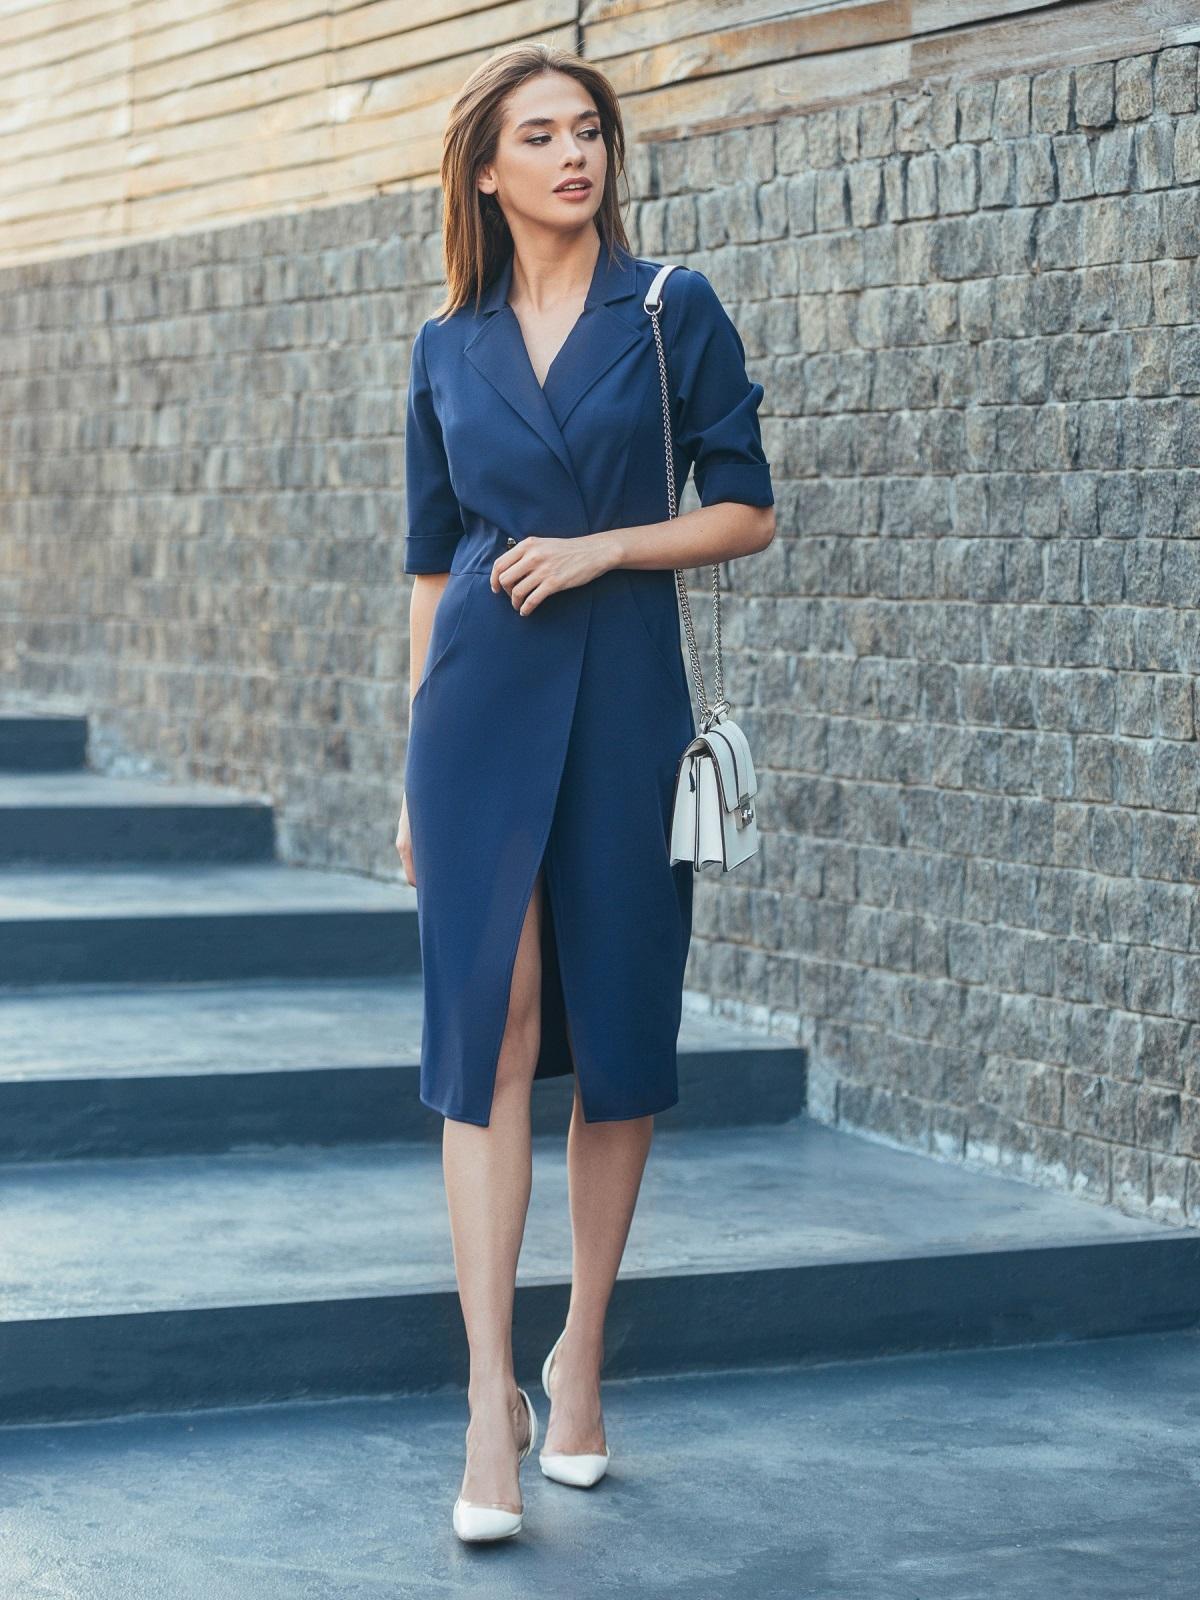 Тёмно-синее платье с высоким разрезом спереди - 16908, фото 1 – интернет-магазин Dressa